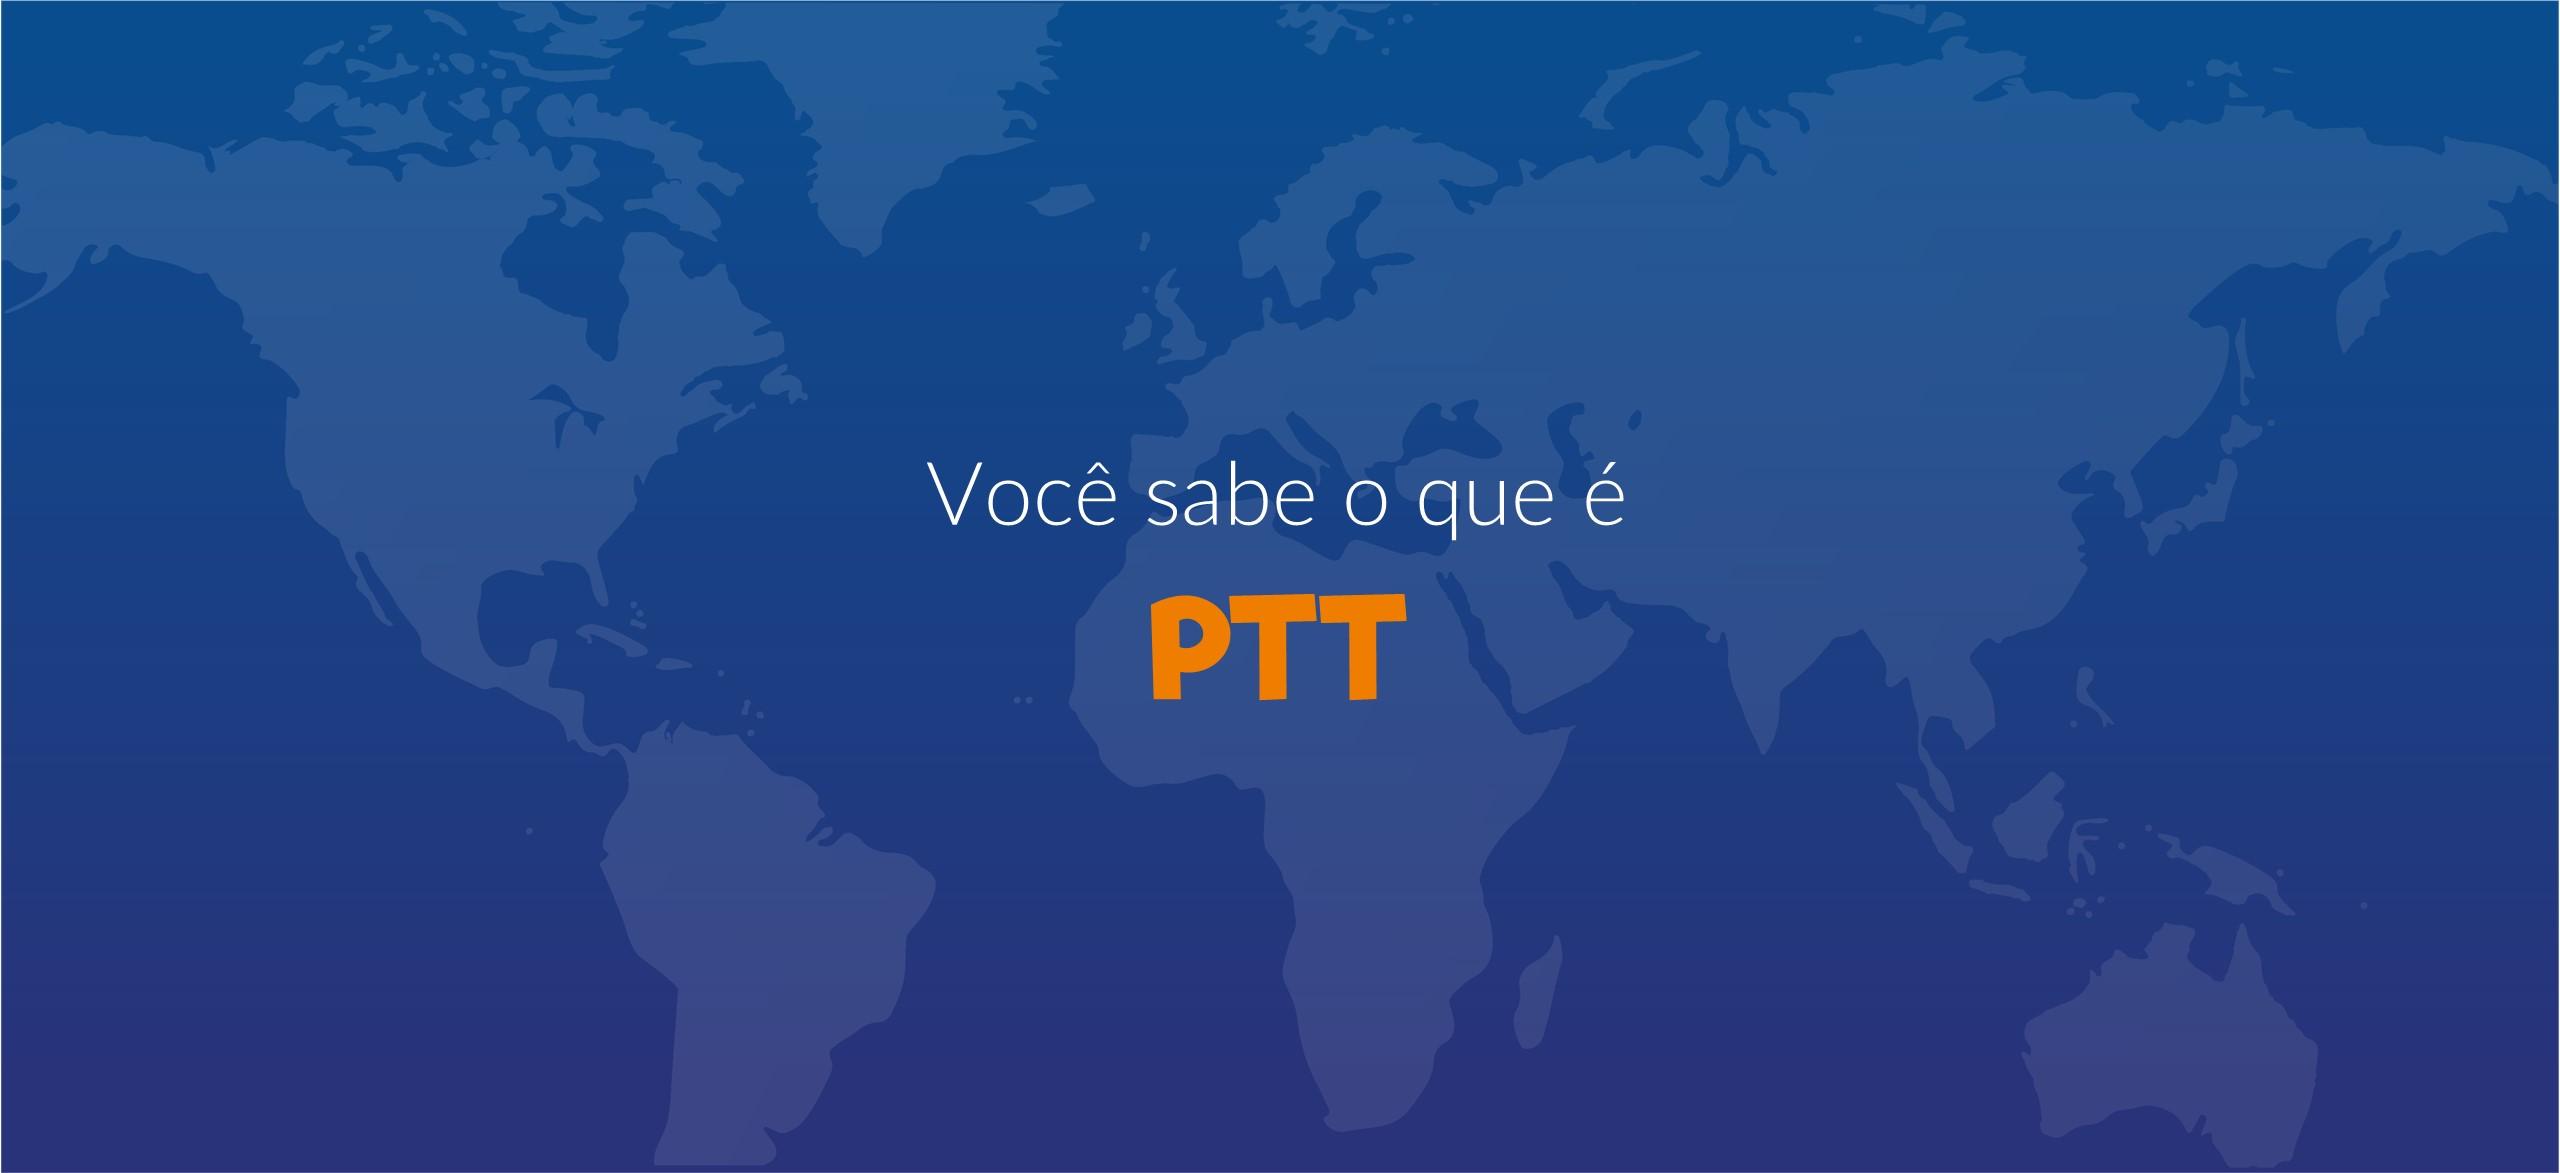 Você sabe o que é o PTT?